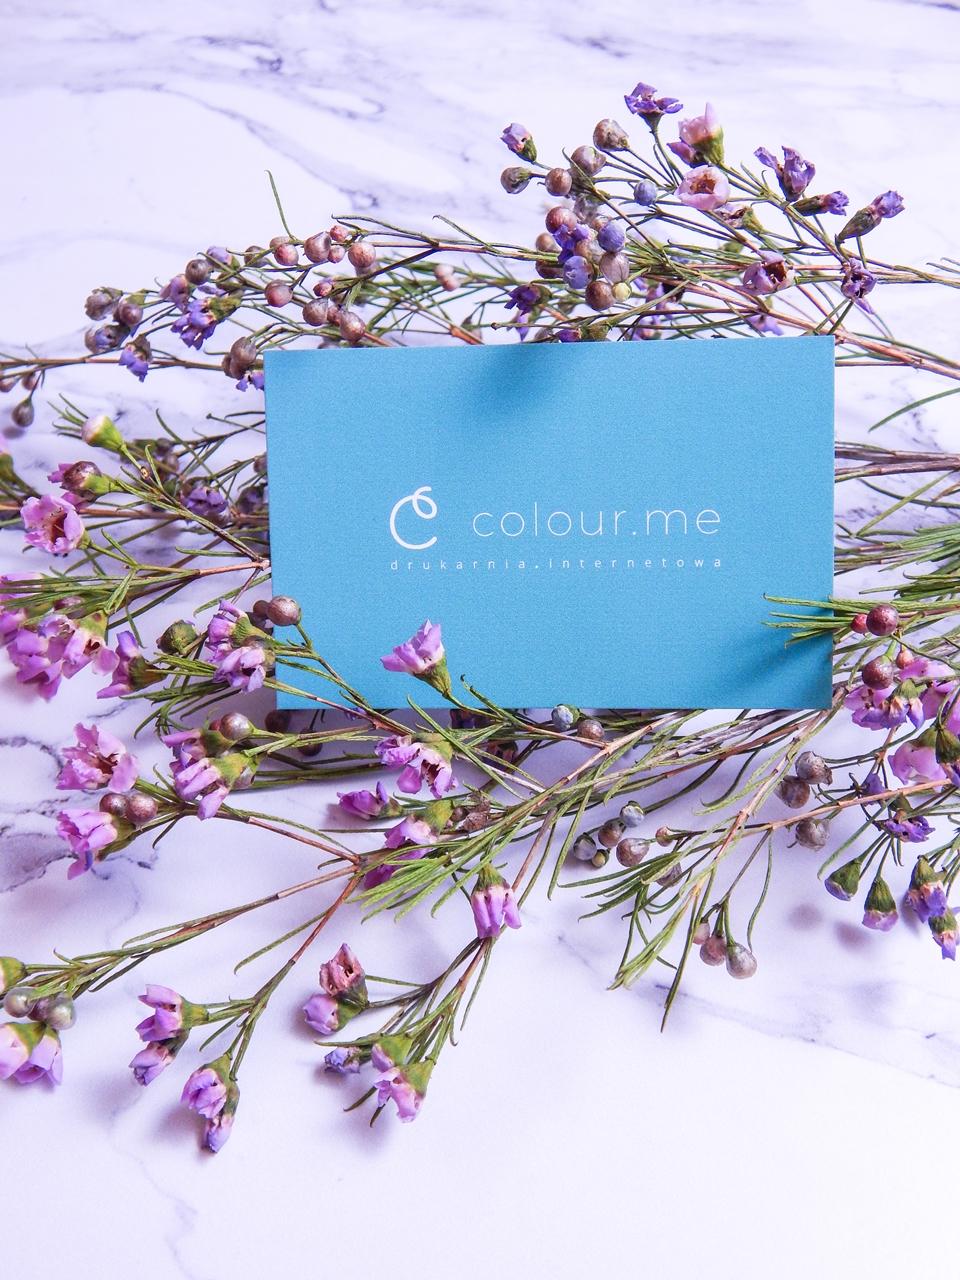 7 colour.me colourme colour me wizytówki druk wizytówek notesów kompleksowa obsługa firm gdzie wydrukować wizytówki zaproszenia kartki świąteczne melodylaniella recenzja